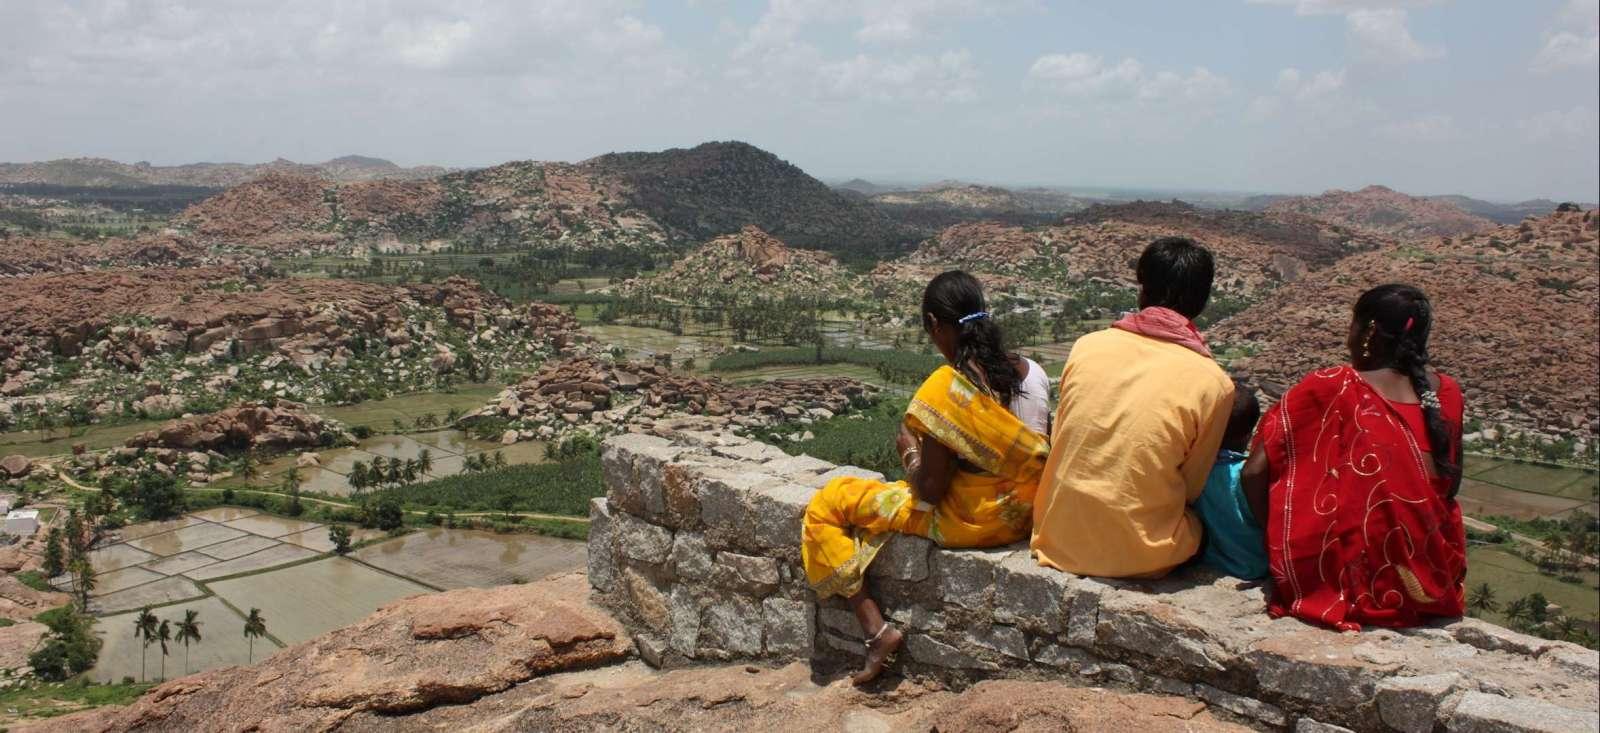 Voyage en véhicule Inde : L'Inde dans les grandes lignes